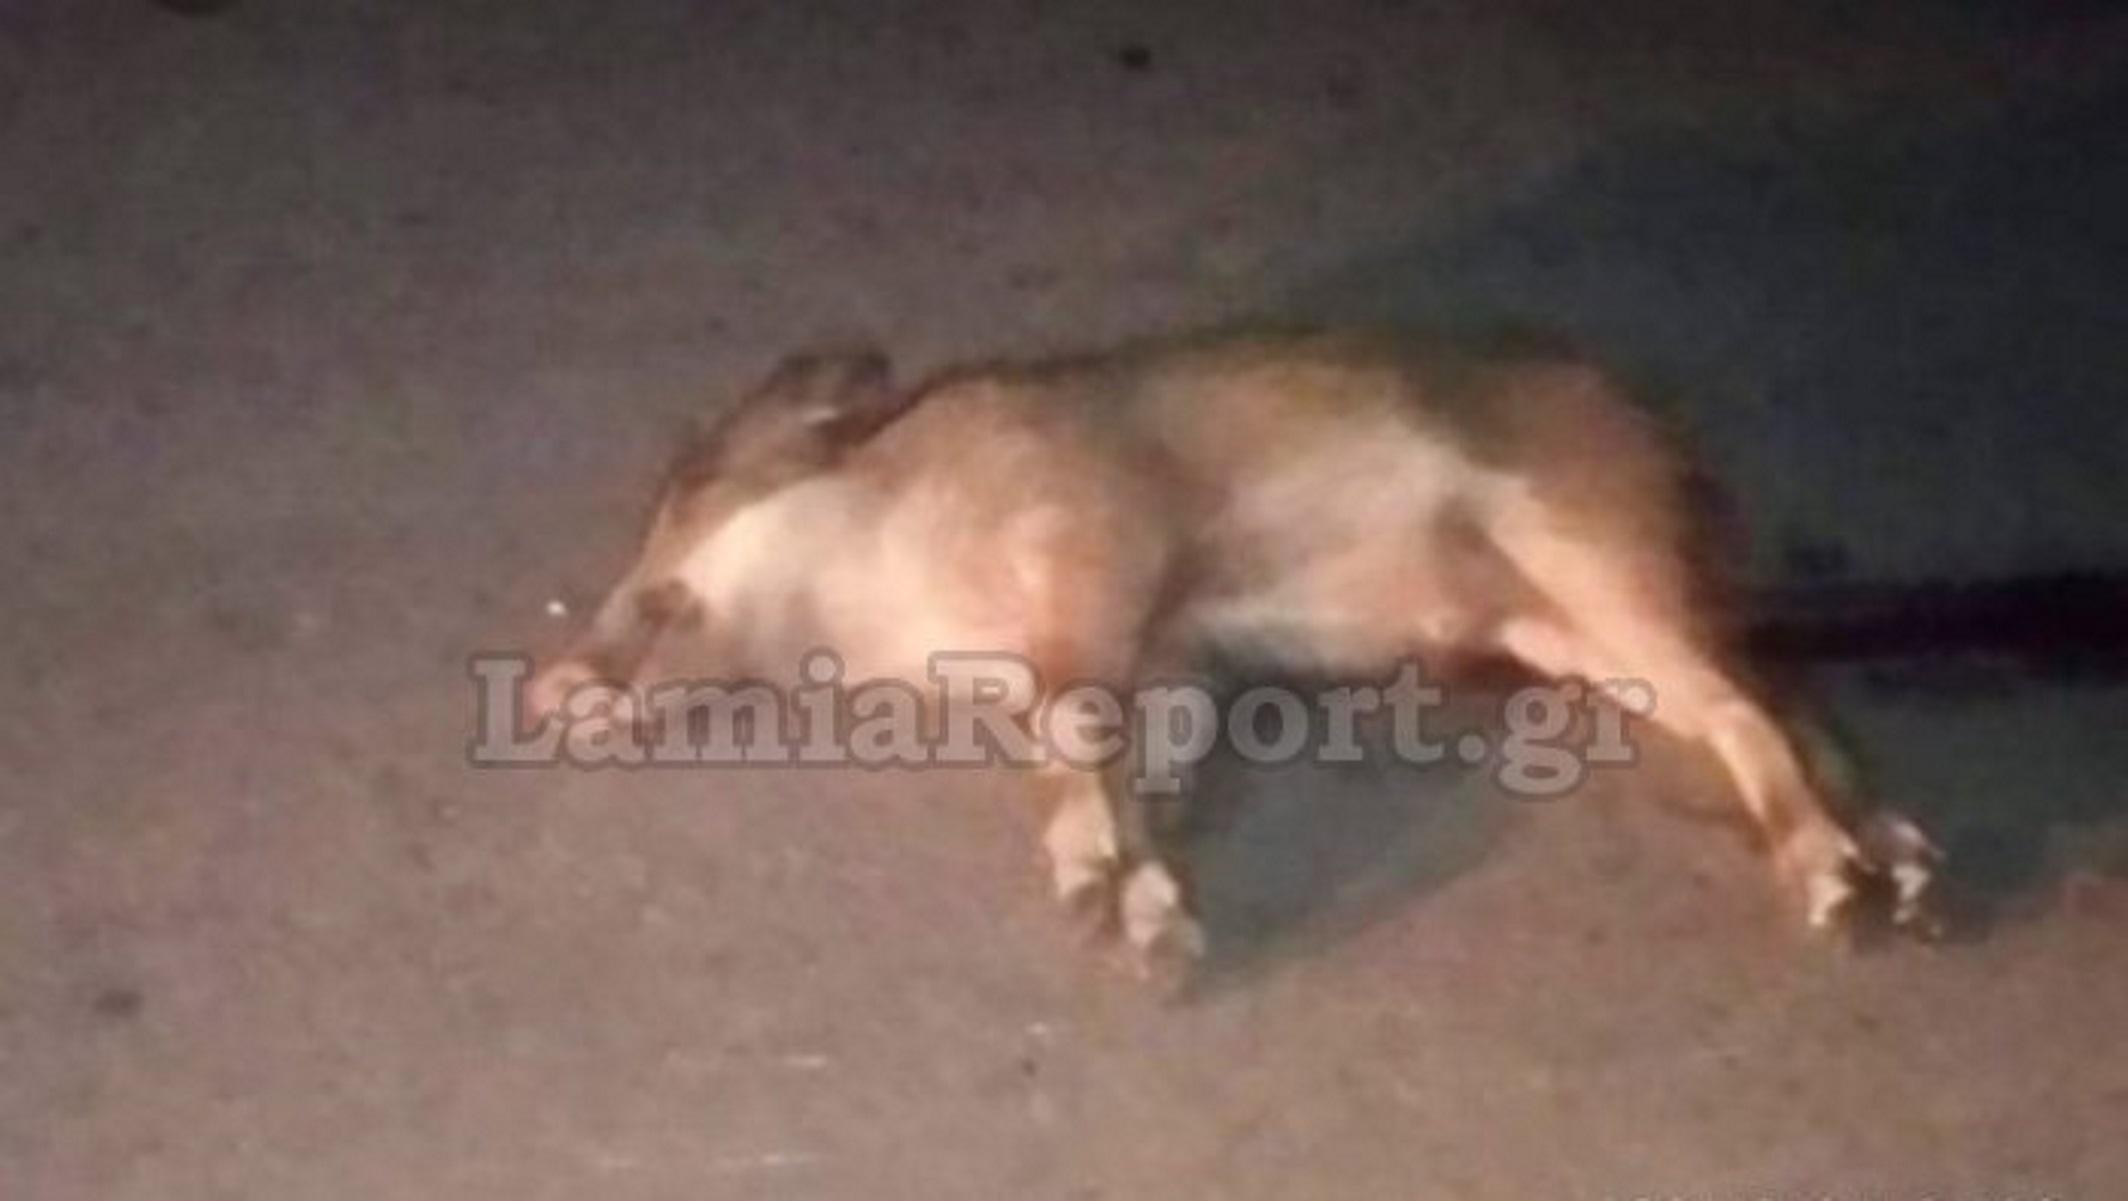 Λοκρίδα: Κι άλλο αγριογούρουνο νεκρό σε τροχαίο – Ολόκληρο κοπάδι πετάχτηκε στον δρόμο